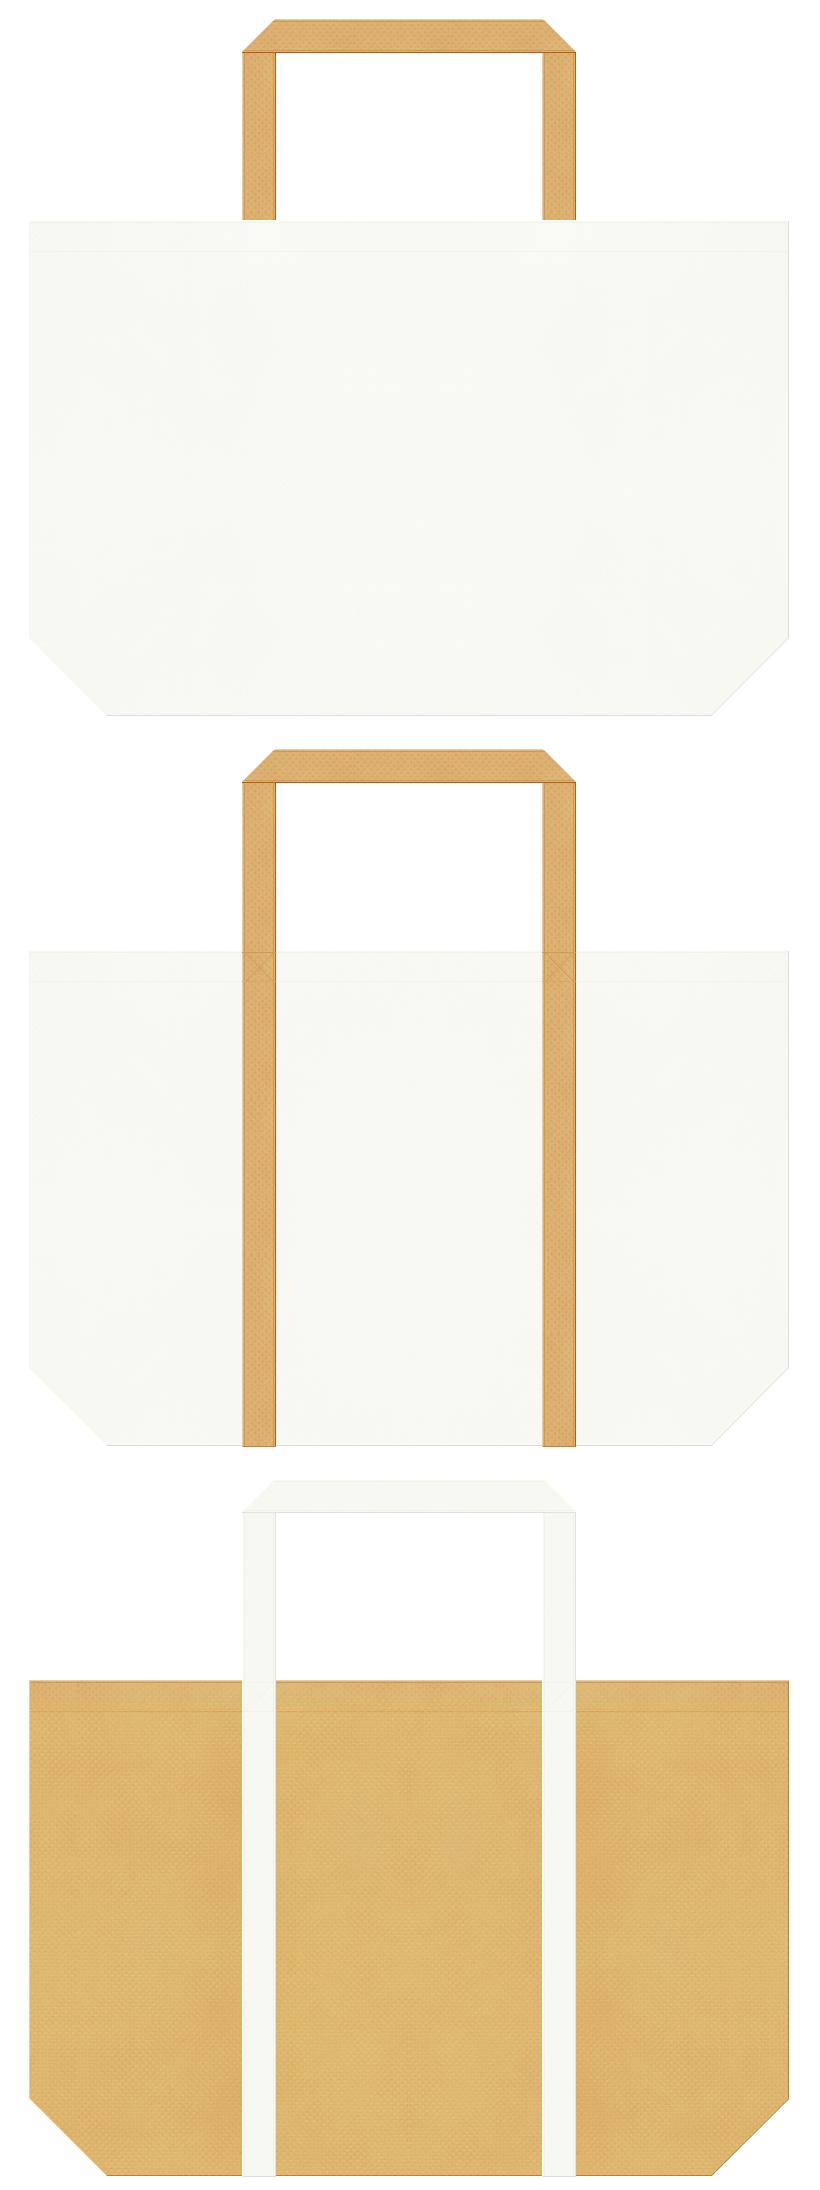 ニット・セーター・毛糸・手芸・木材・木工・檜・DIYイベント・住宅展示場・パステルカラー・食の見本市・乳製品・牧場・生クリーム・ロールケーキ・スイーツ・食パン・ピーナツバター・ベーカリーショップにお奨めの不織布バッグデザイン:オフホワイト色と薄黄土色のコーデ